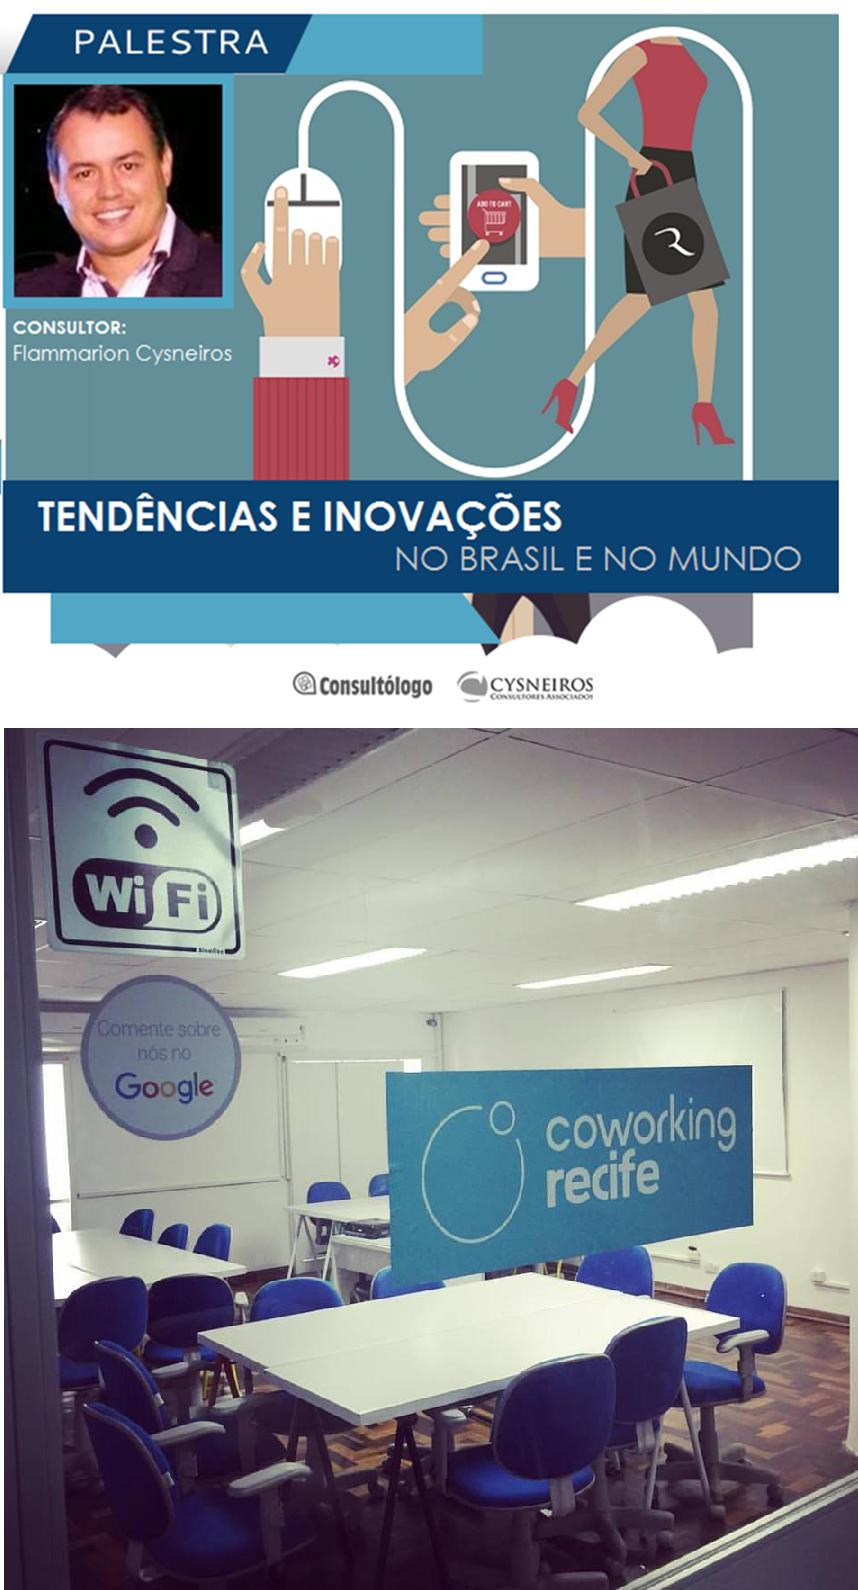 Online Palestra Tendencias e Inovações no Brasil e no Mundo - Coworking Recife.png